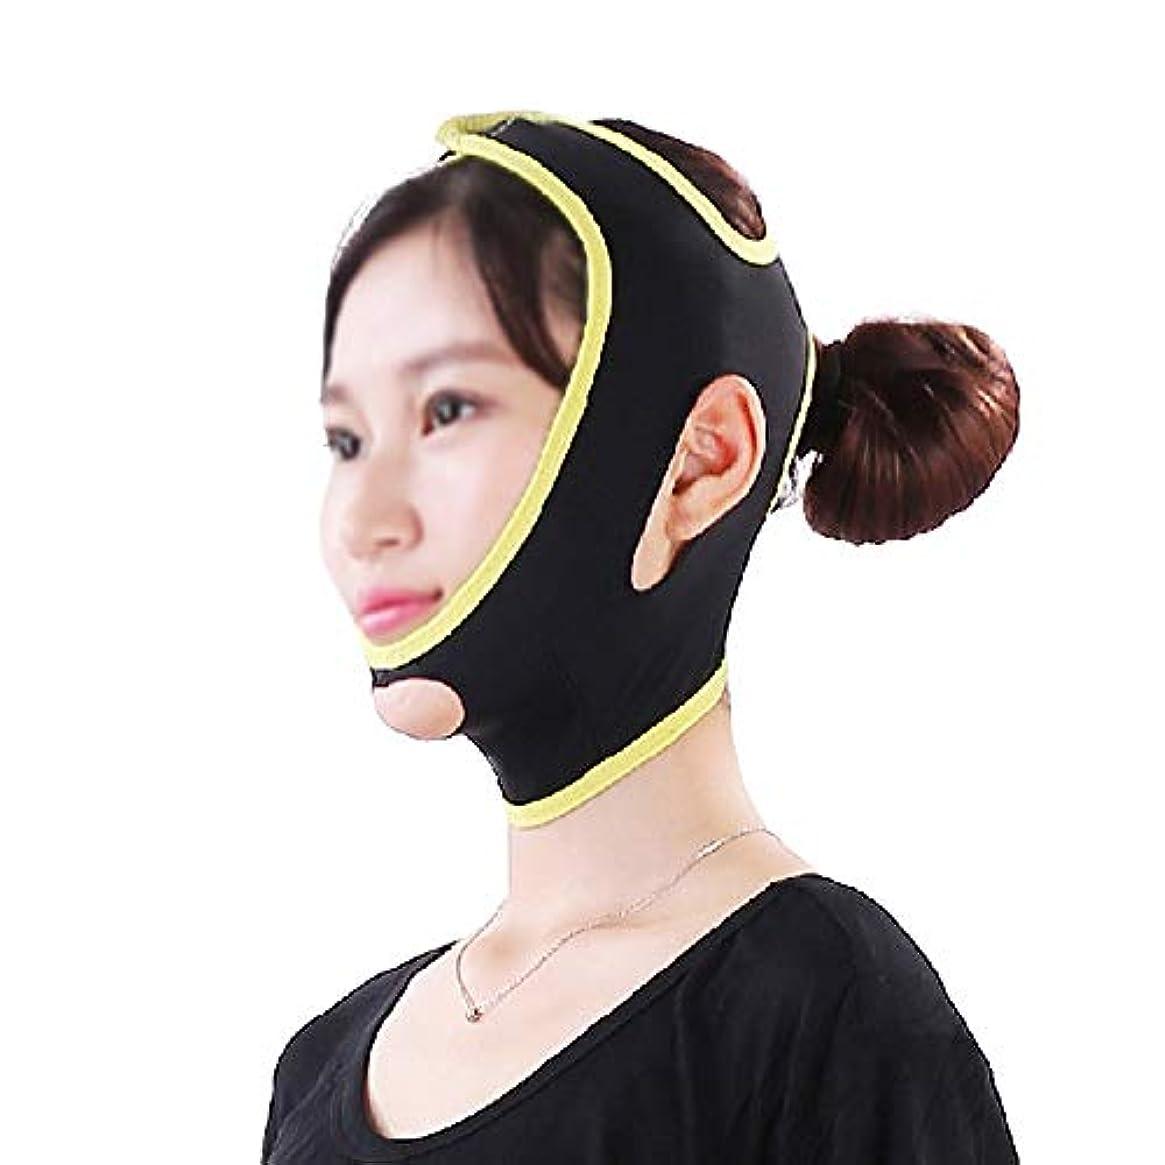 息子ケージ地震GLJJQMY 顔と首のリフトVマスクは顔面の輪郭を強調し、咬筋の引き締まったあごの超弾性包帯を緩和します 顔用整形マスク (Size : L)